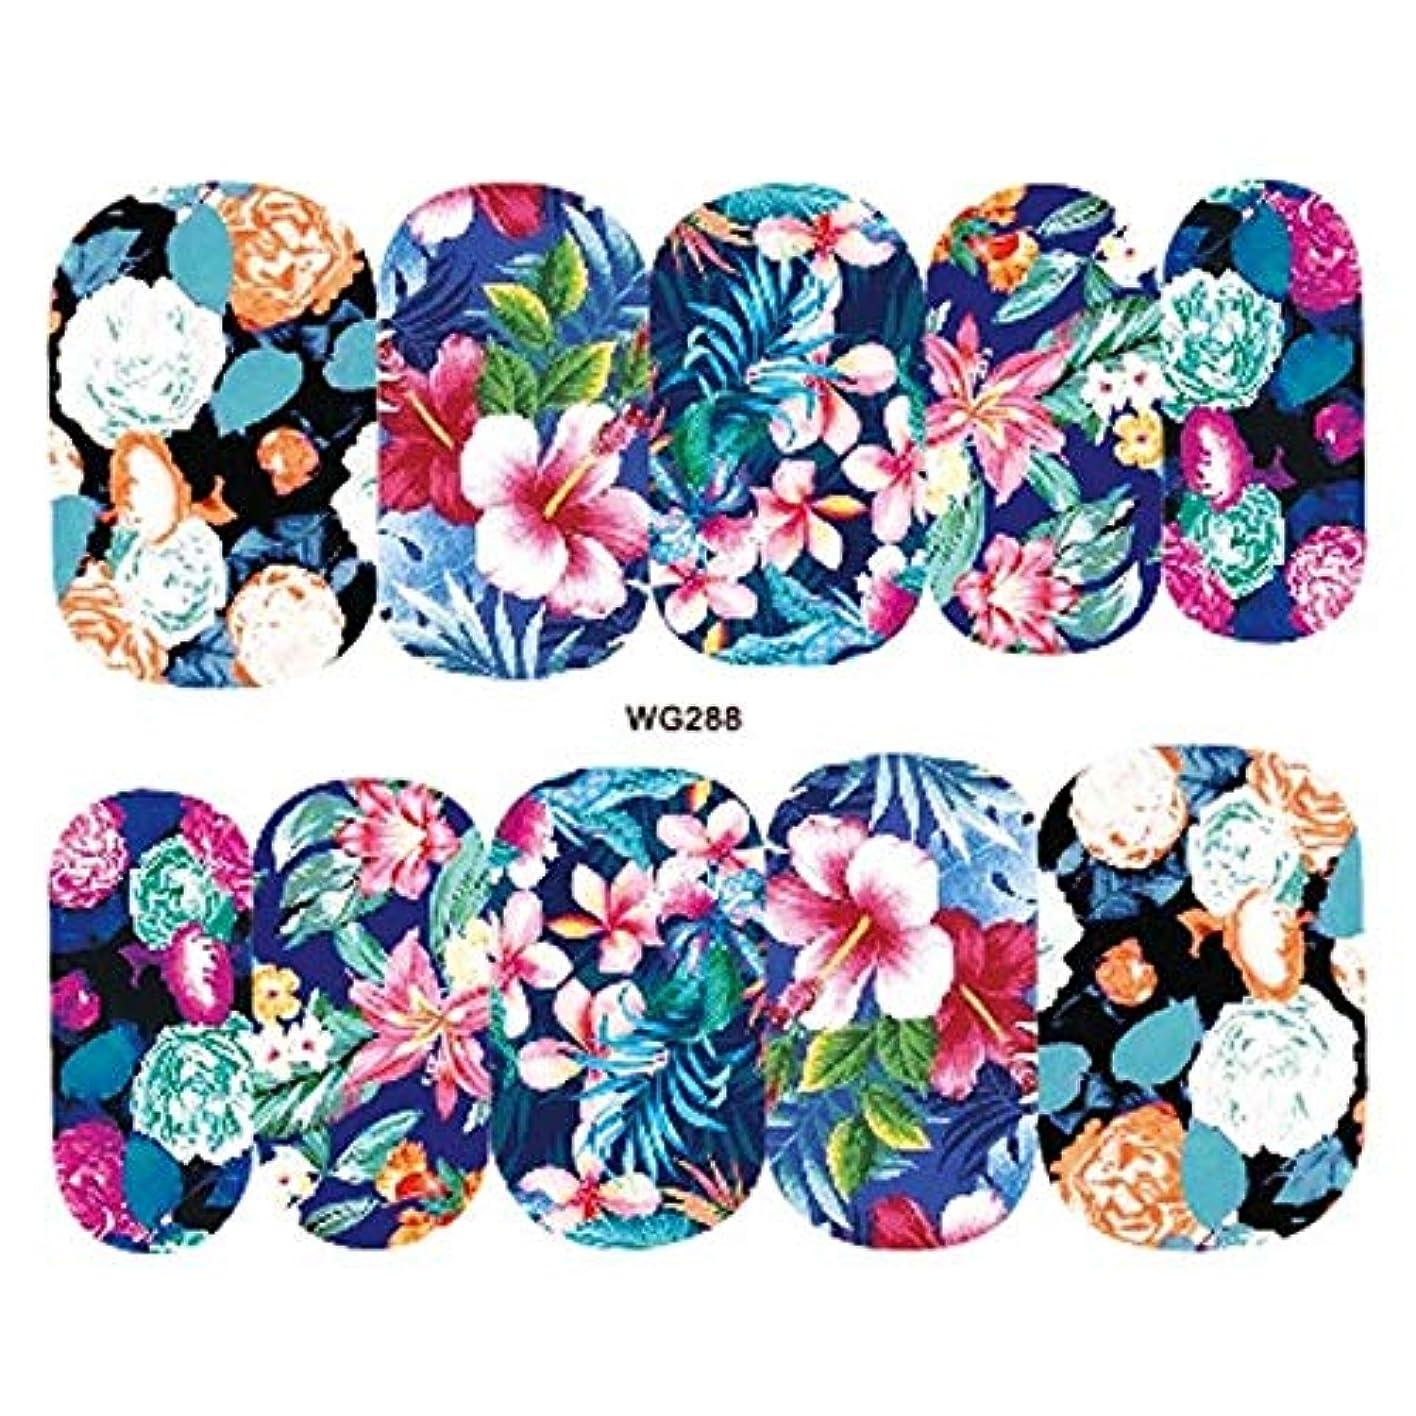 ロードハウス親密な経済的SUKTI&XIAO ネイルステッカー 1シートカラフルな花花水転送ネイルアートステッカーデカールスライダーマニキュアラップツールヒント装飾